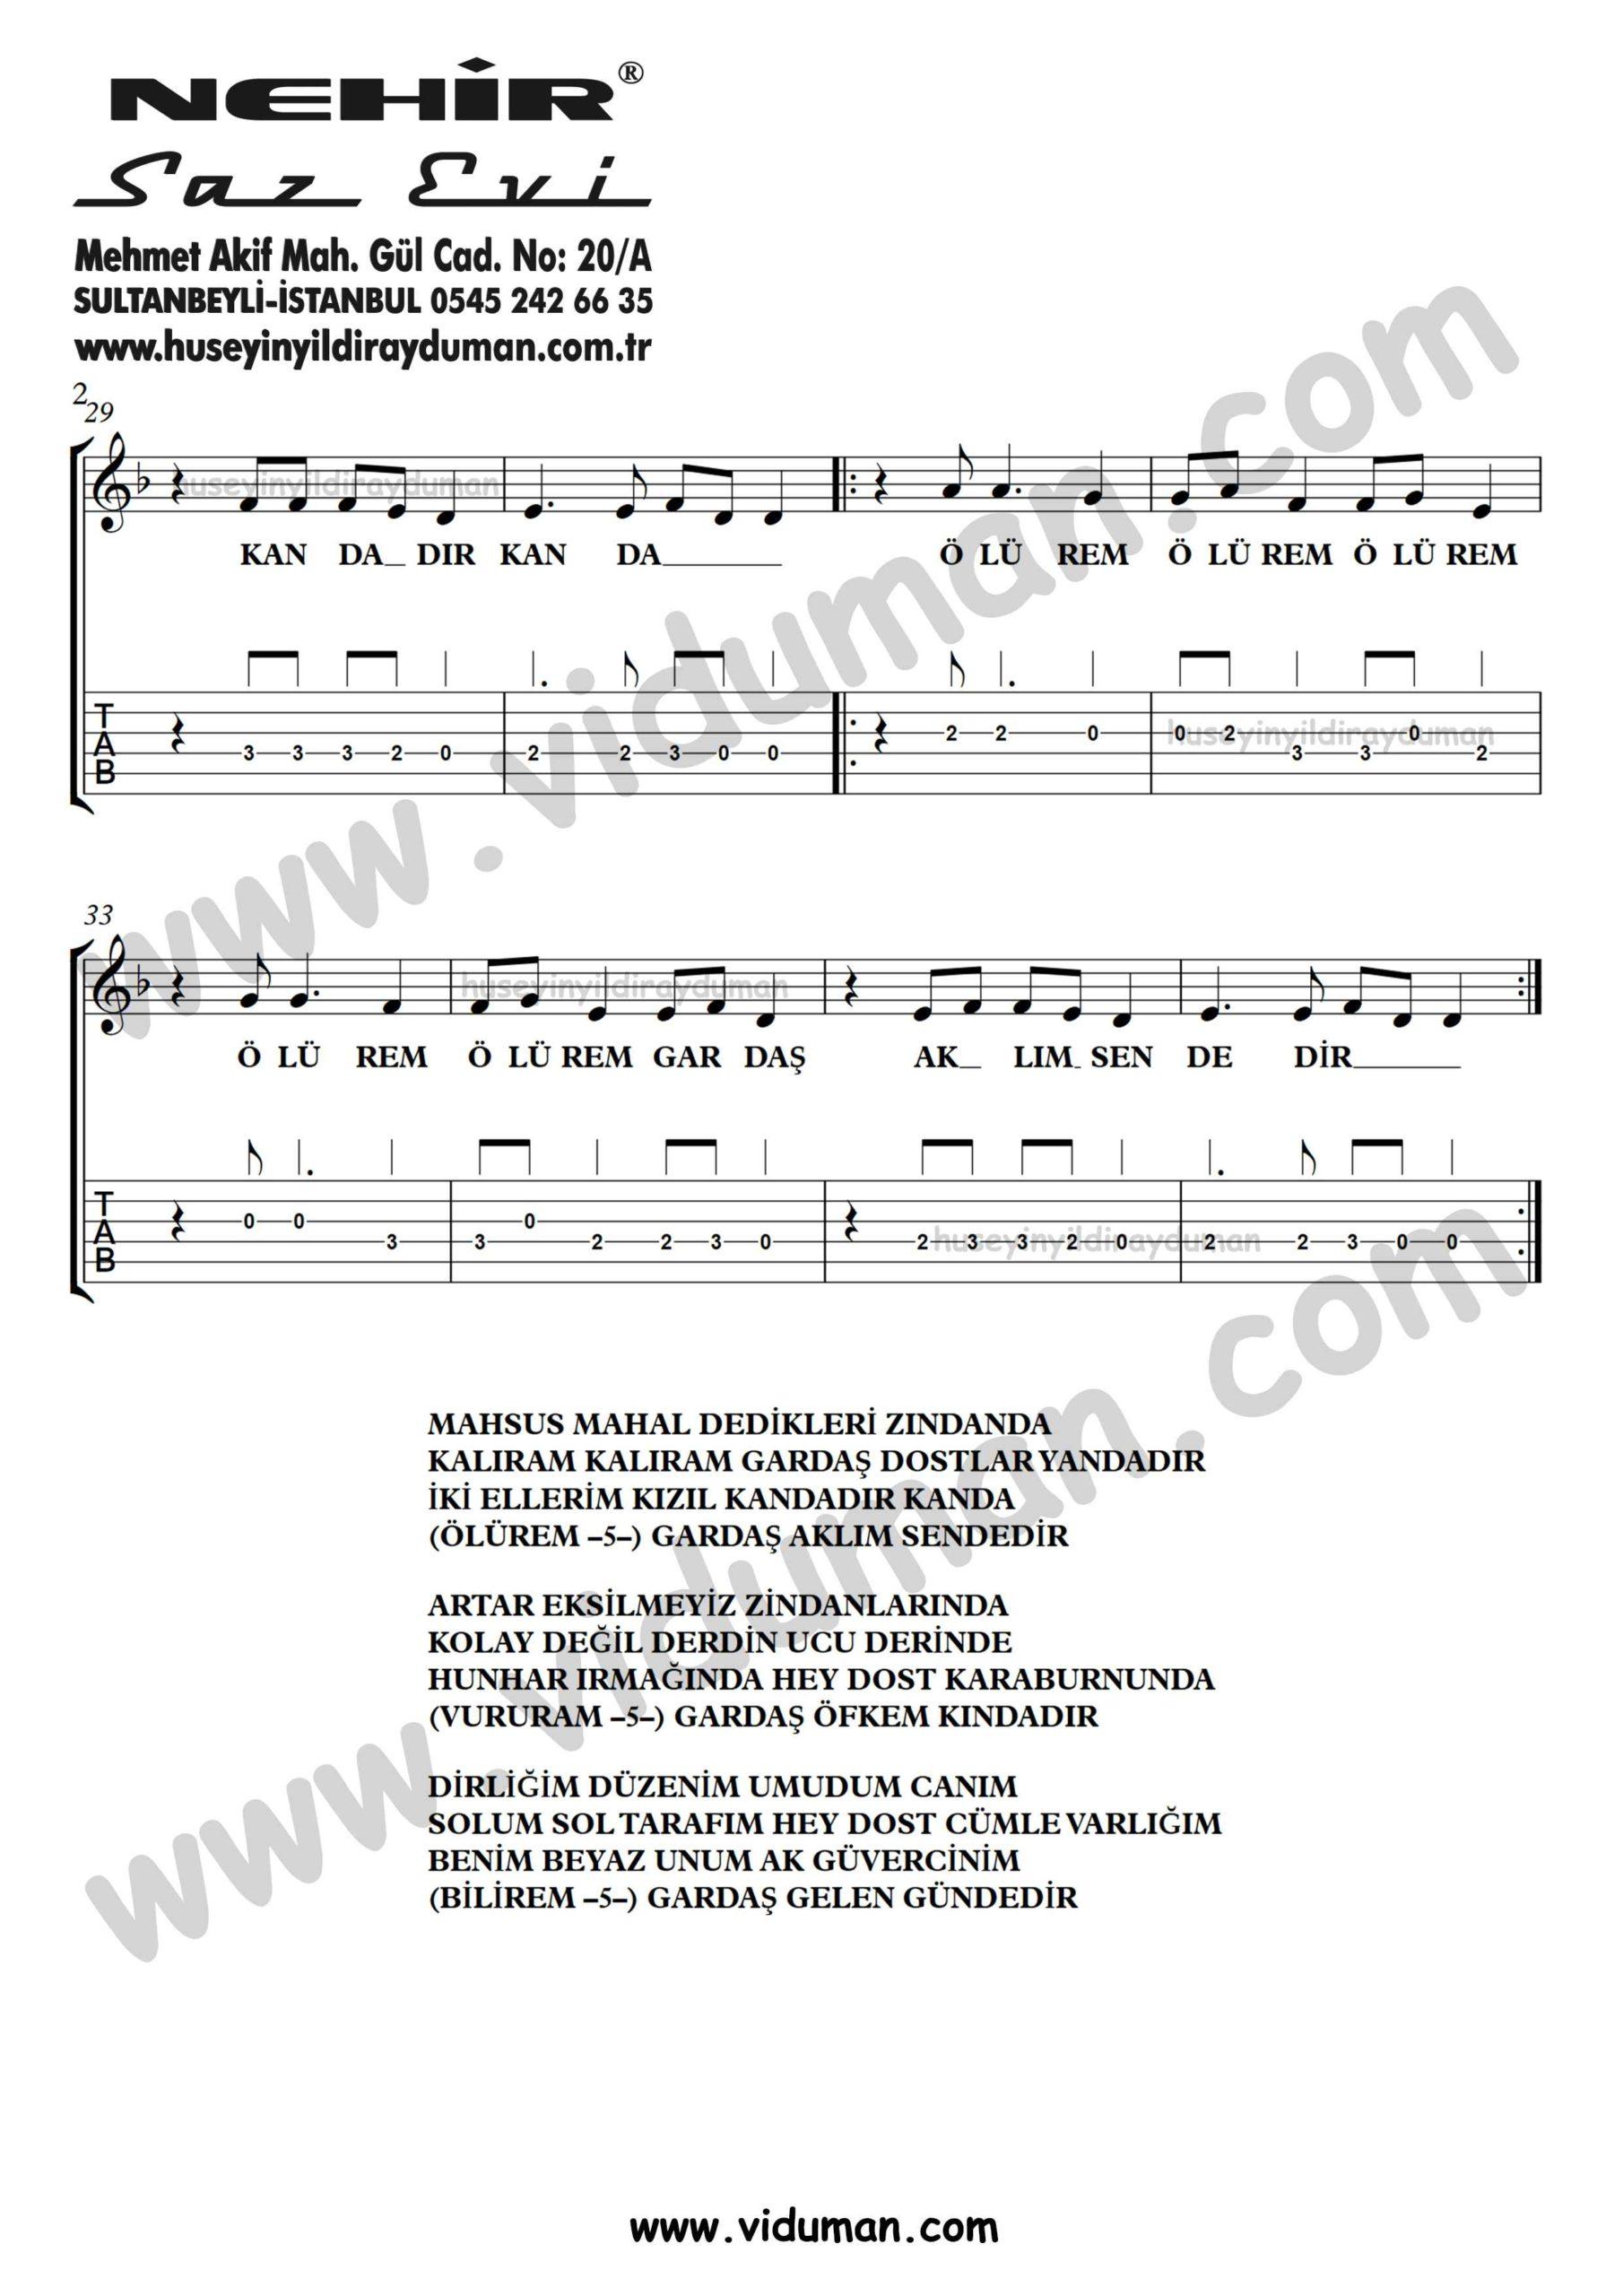 Mahsus Mahal (Olurem Gardas)_2-Ahmet Kaya-Gitar Tab-Solo Notalari